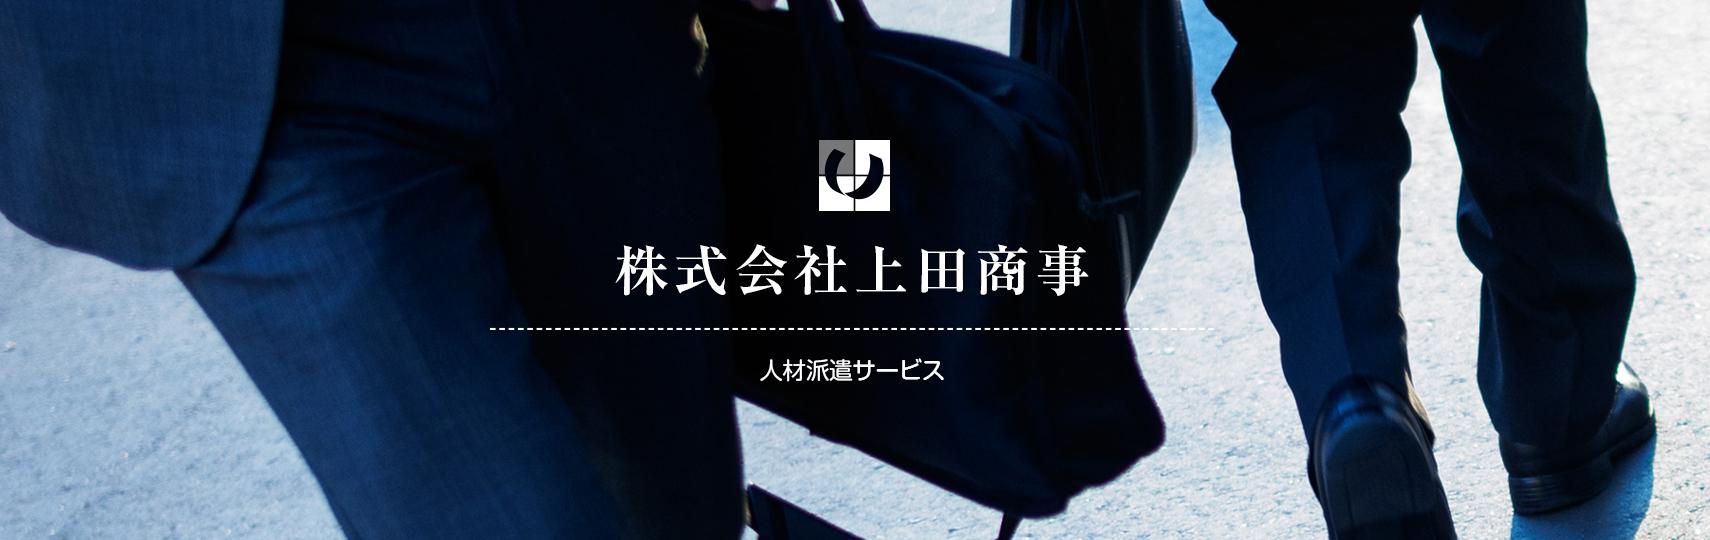 株式会社上田商事